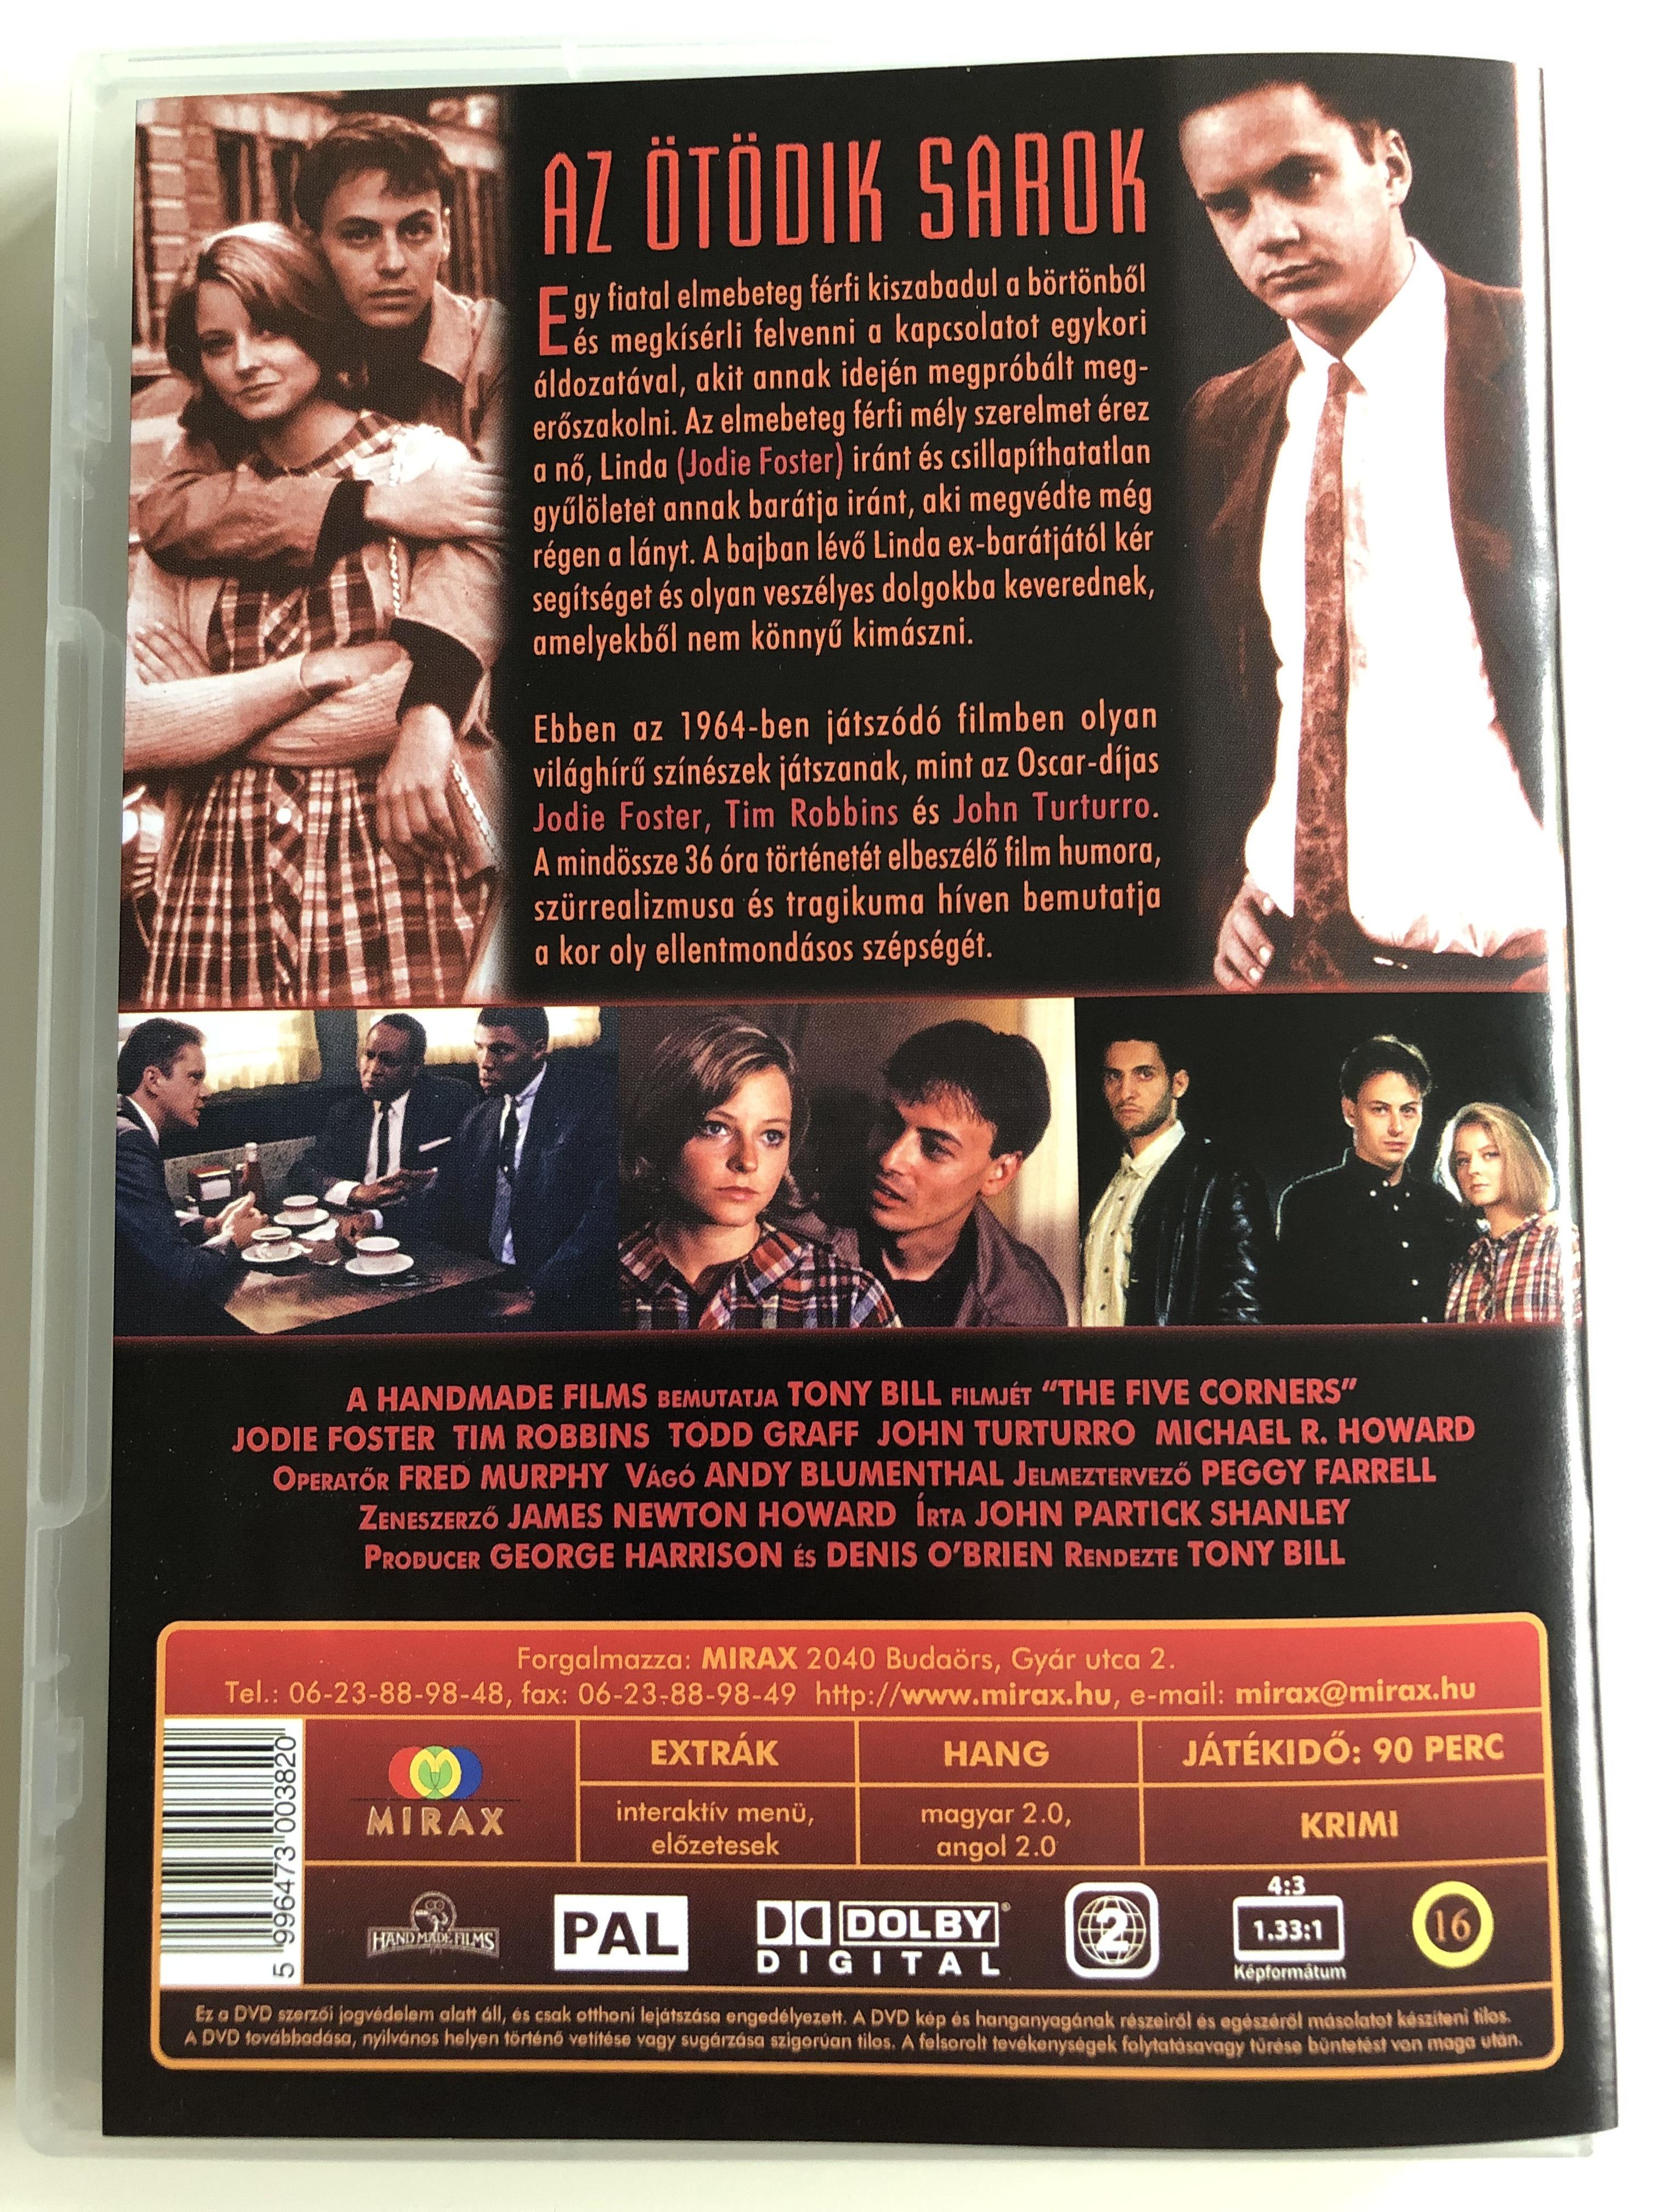 the-five-corners-dvd-1987-az-t-dik-sarok-directed-by-tony-bill-starring-tim-robbins-jodie-foster-john-turturro-2-.jpg